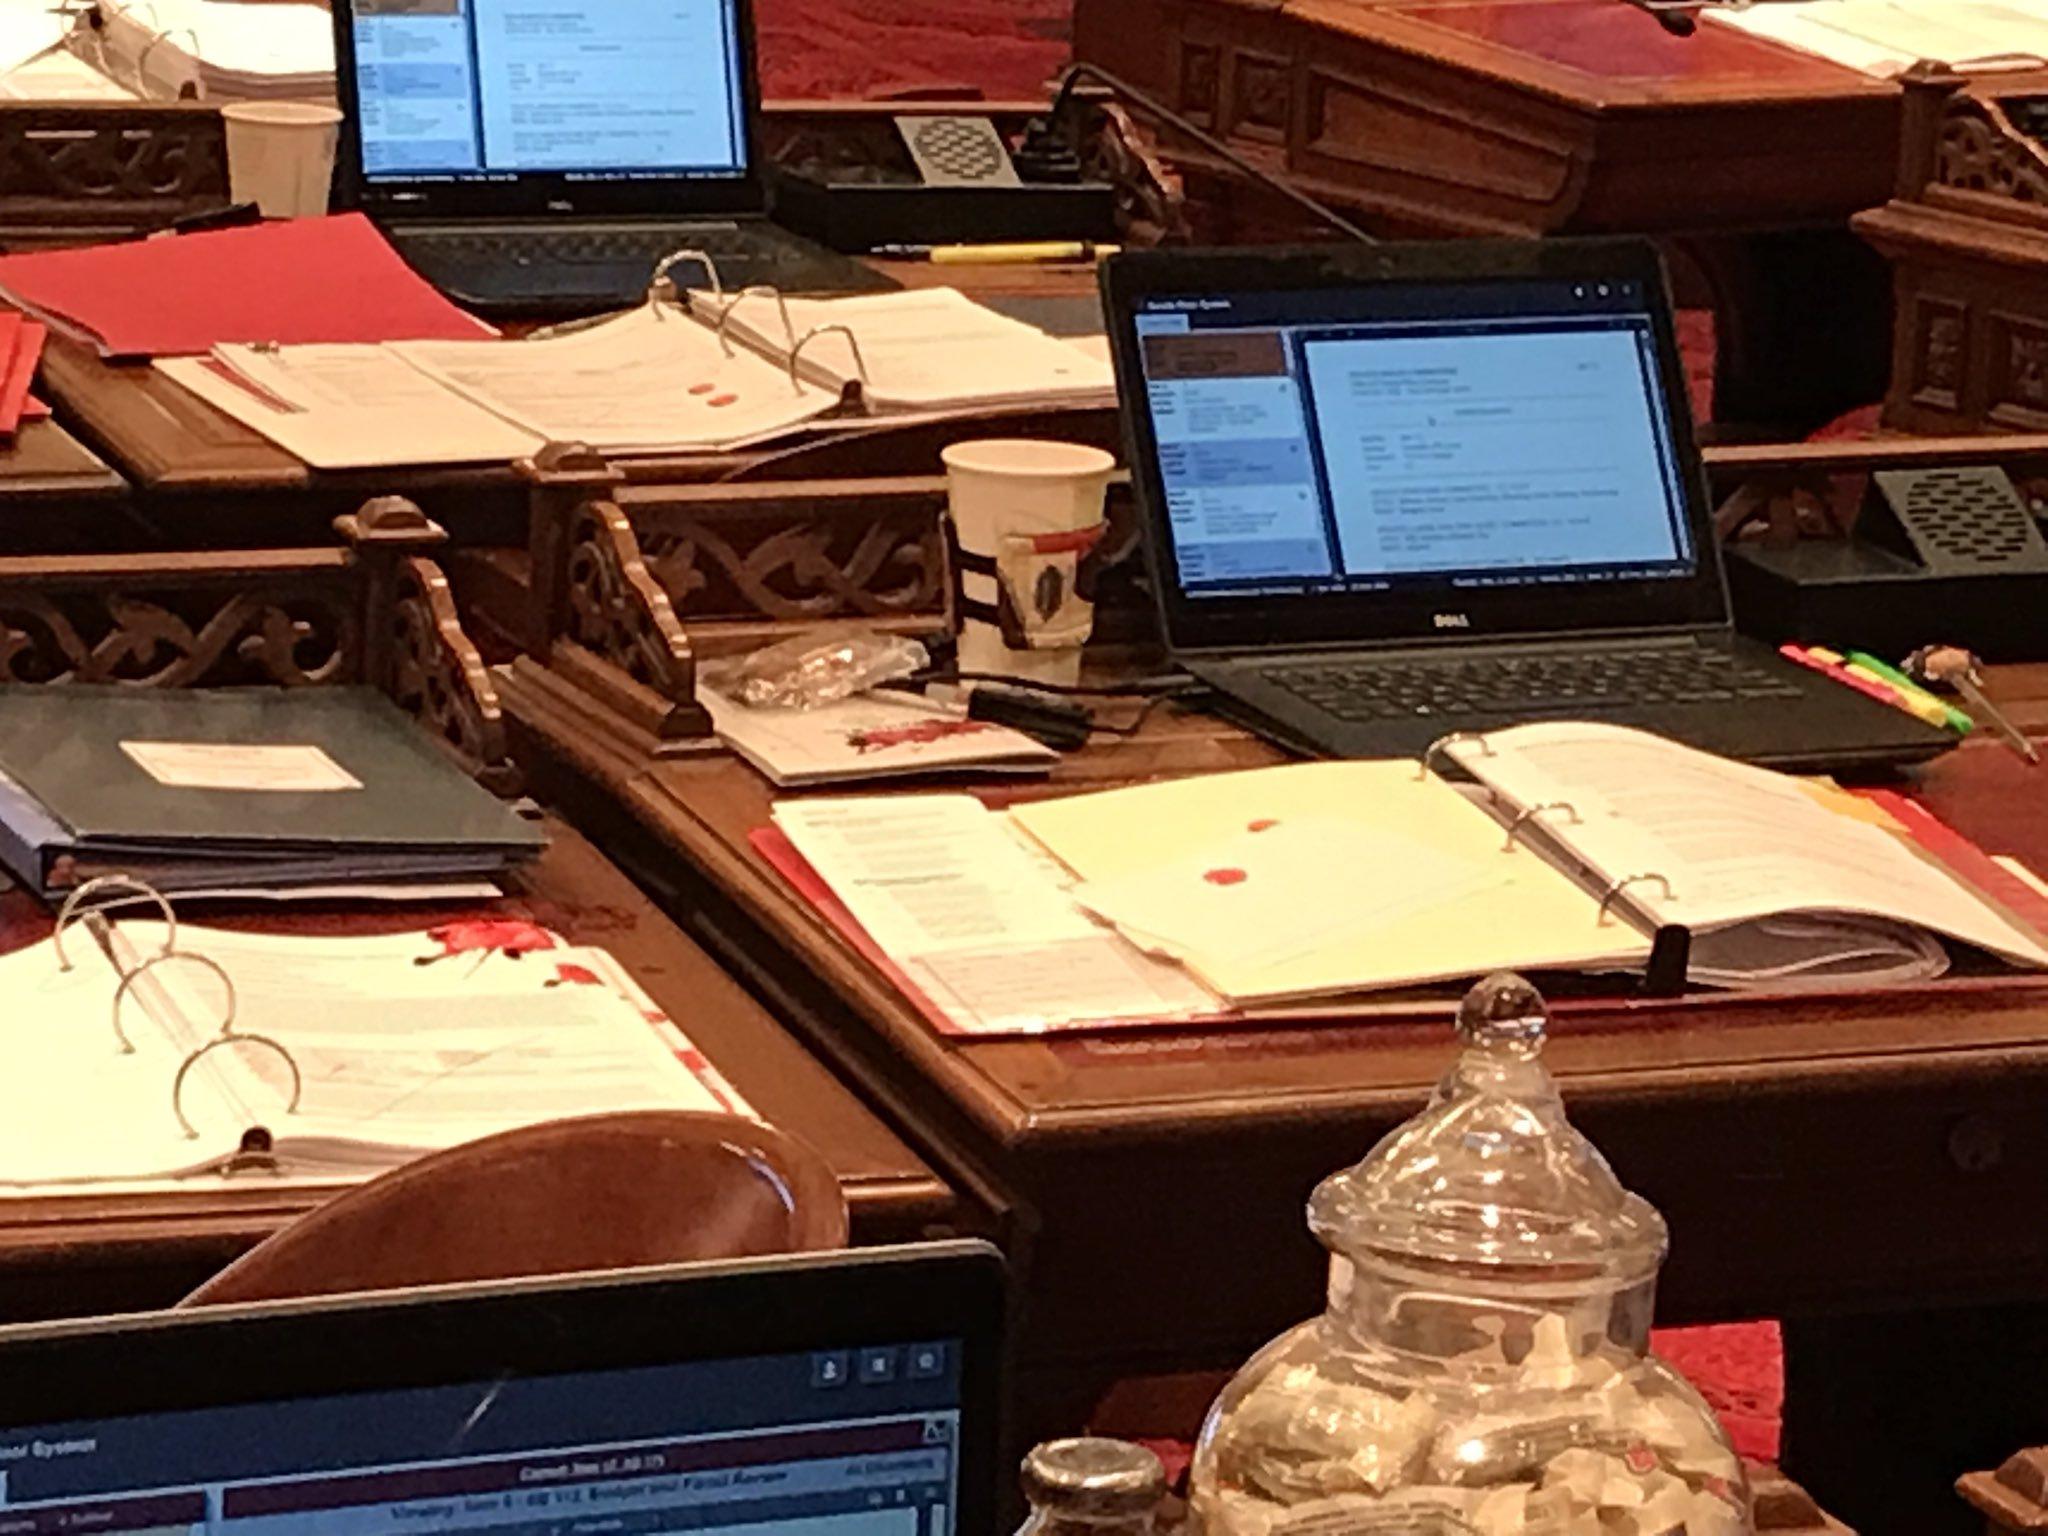 A picture of Senators' desks splattered with blood.